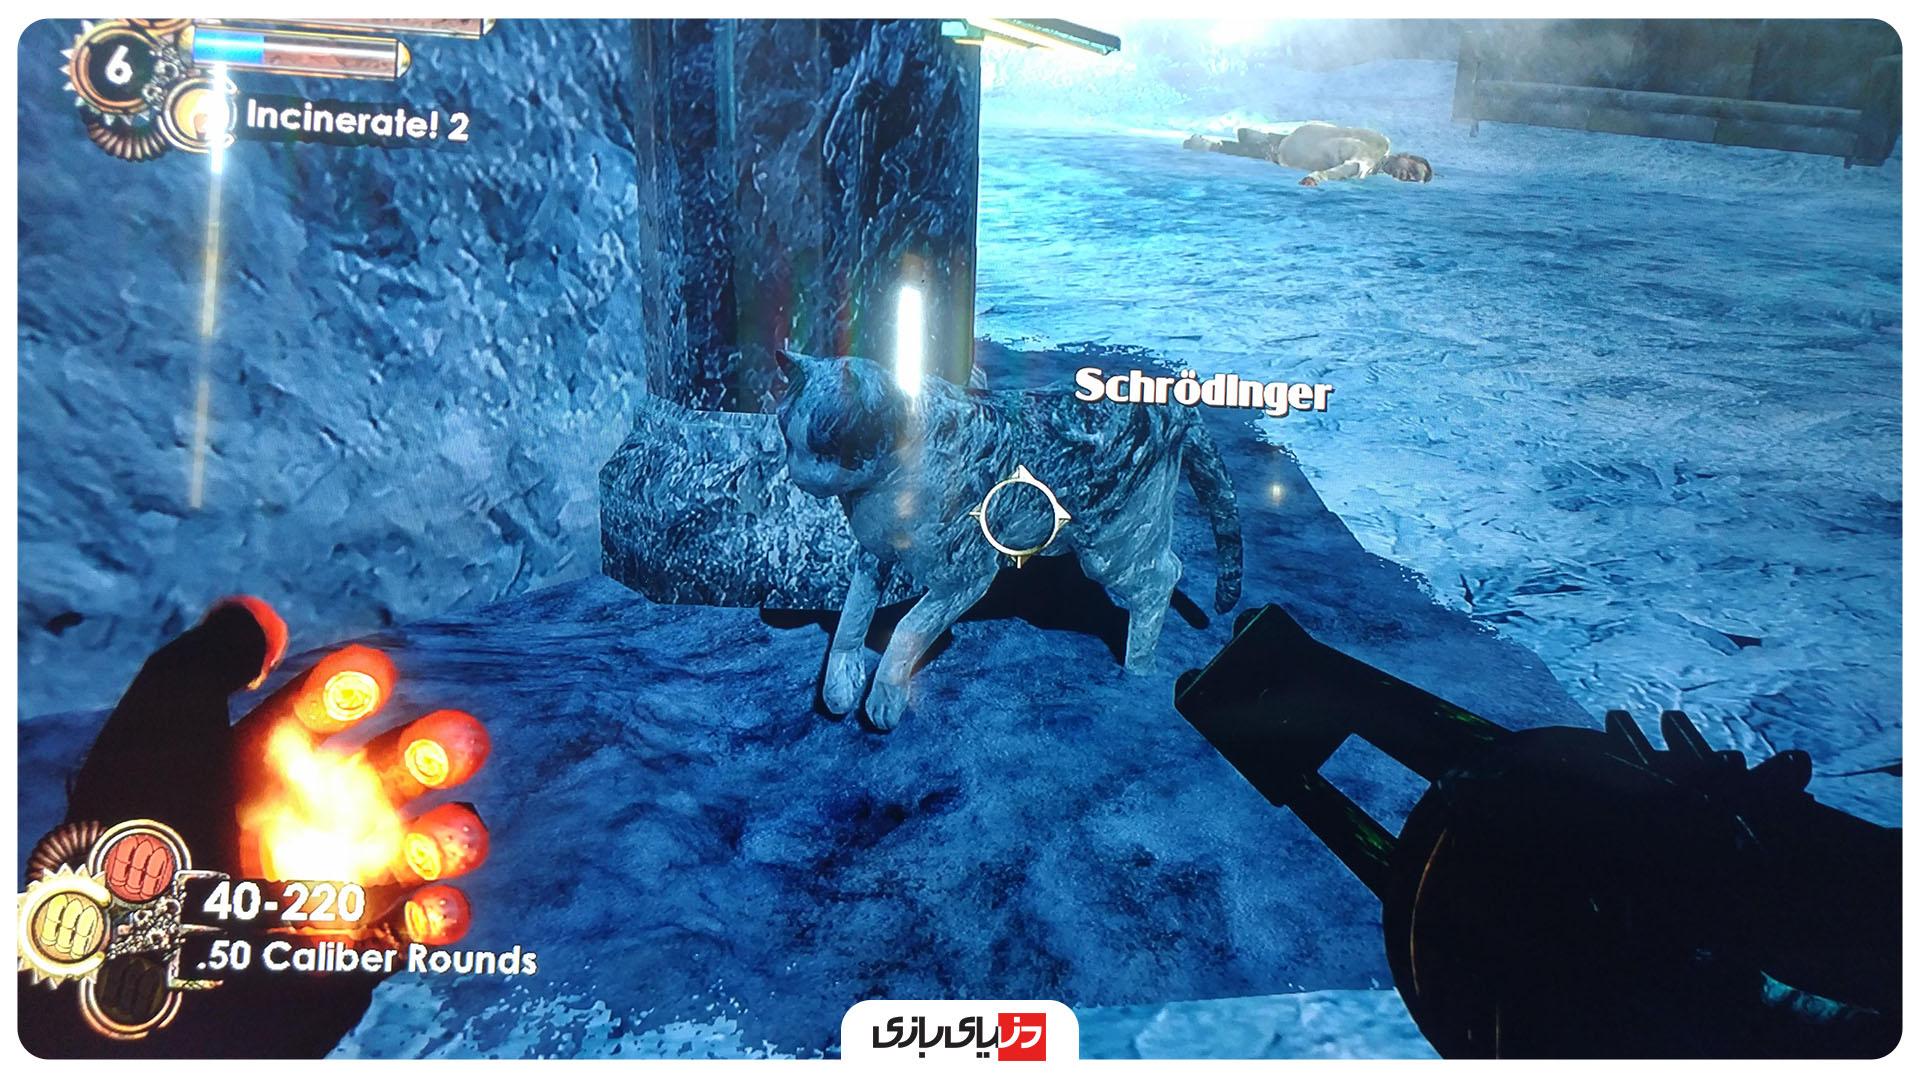 گربه شرودینگر در Bioshock 2